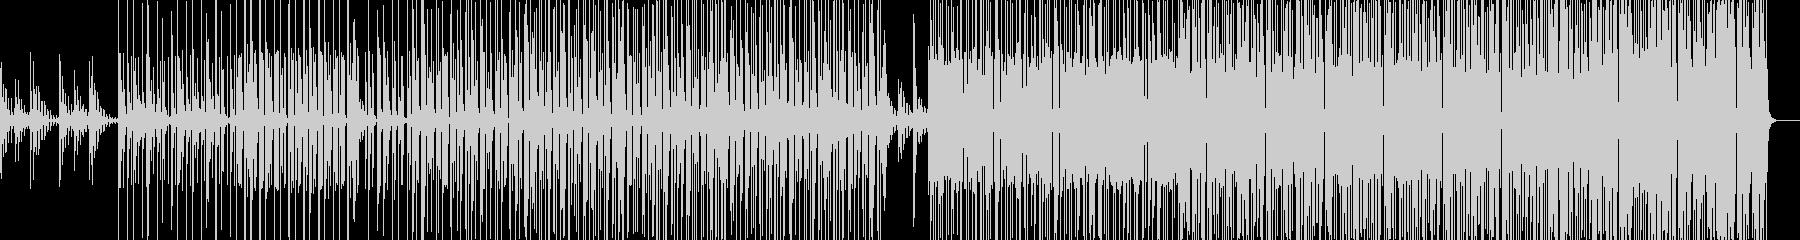 実験的エレクトロヒップホップの未再生の波形